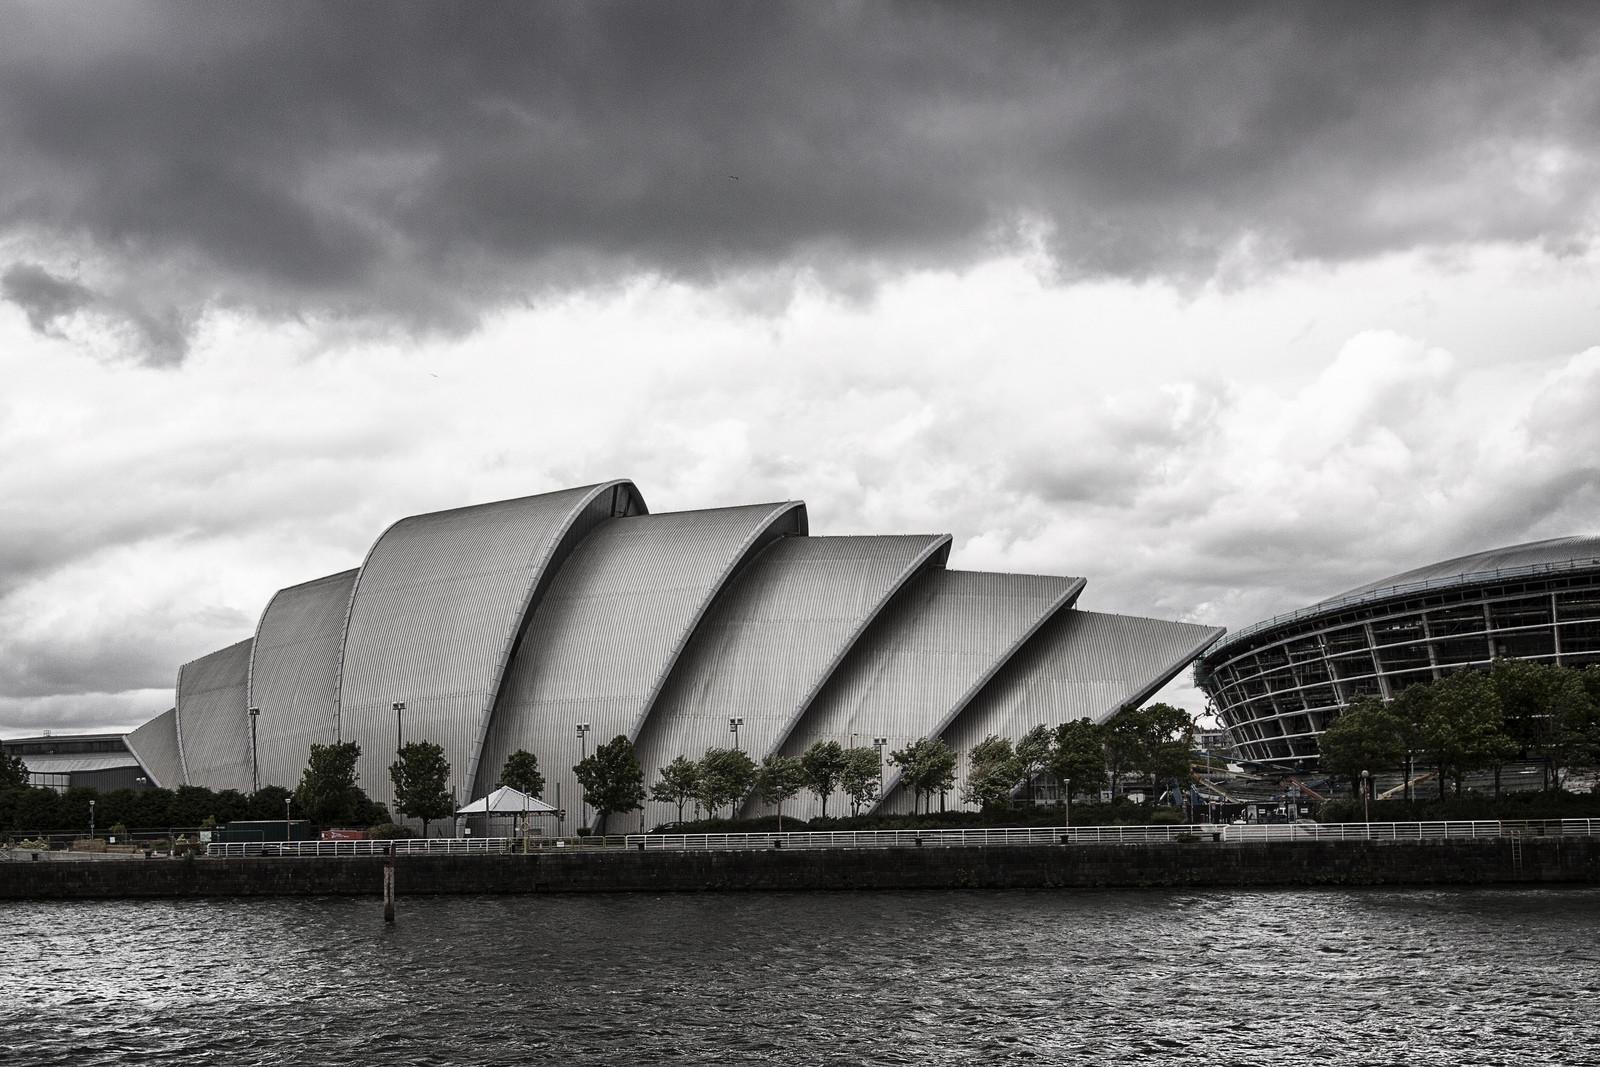 Lo mejor de Flickr en Plataforma Arquitectura / Septiembre 2013, © Usuario de Flickr: Artur Salisz